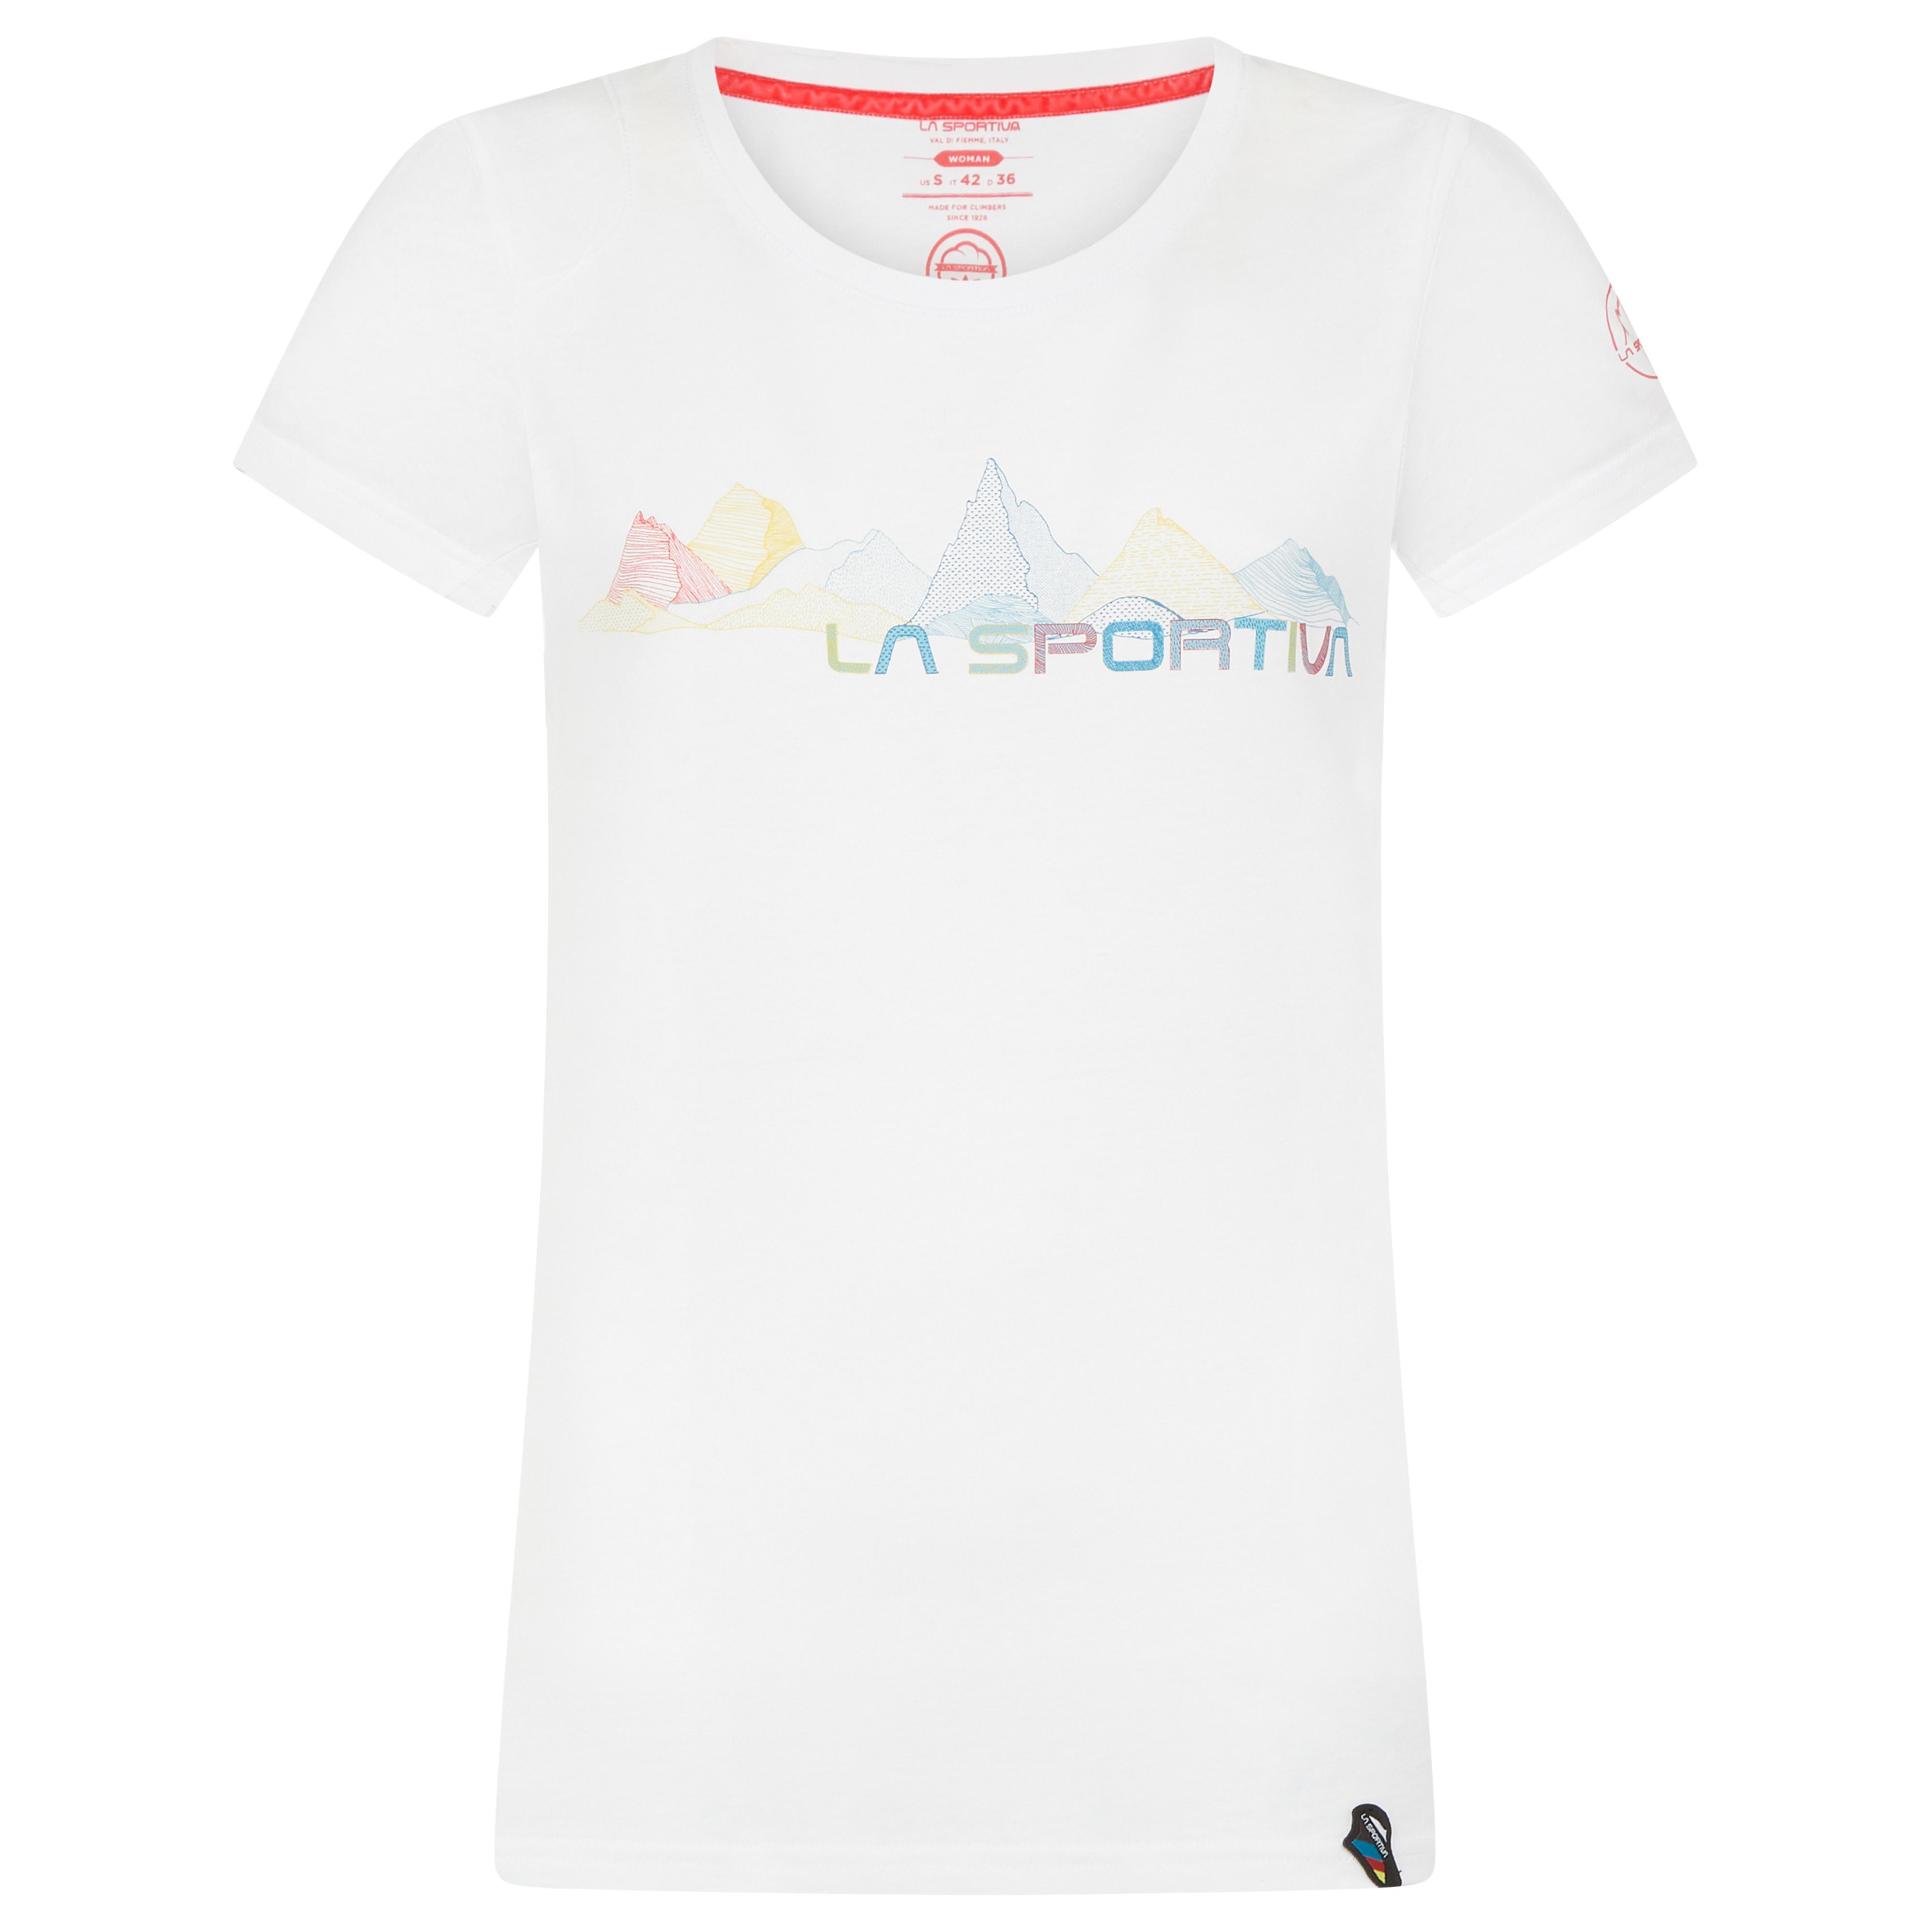 LasportivaPeaks Logoshirt